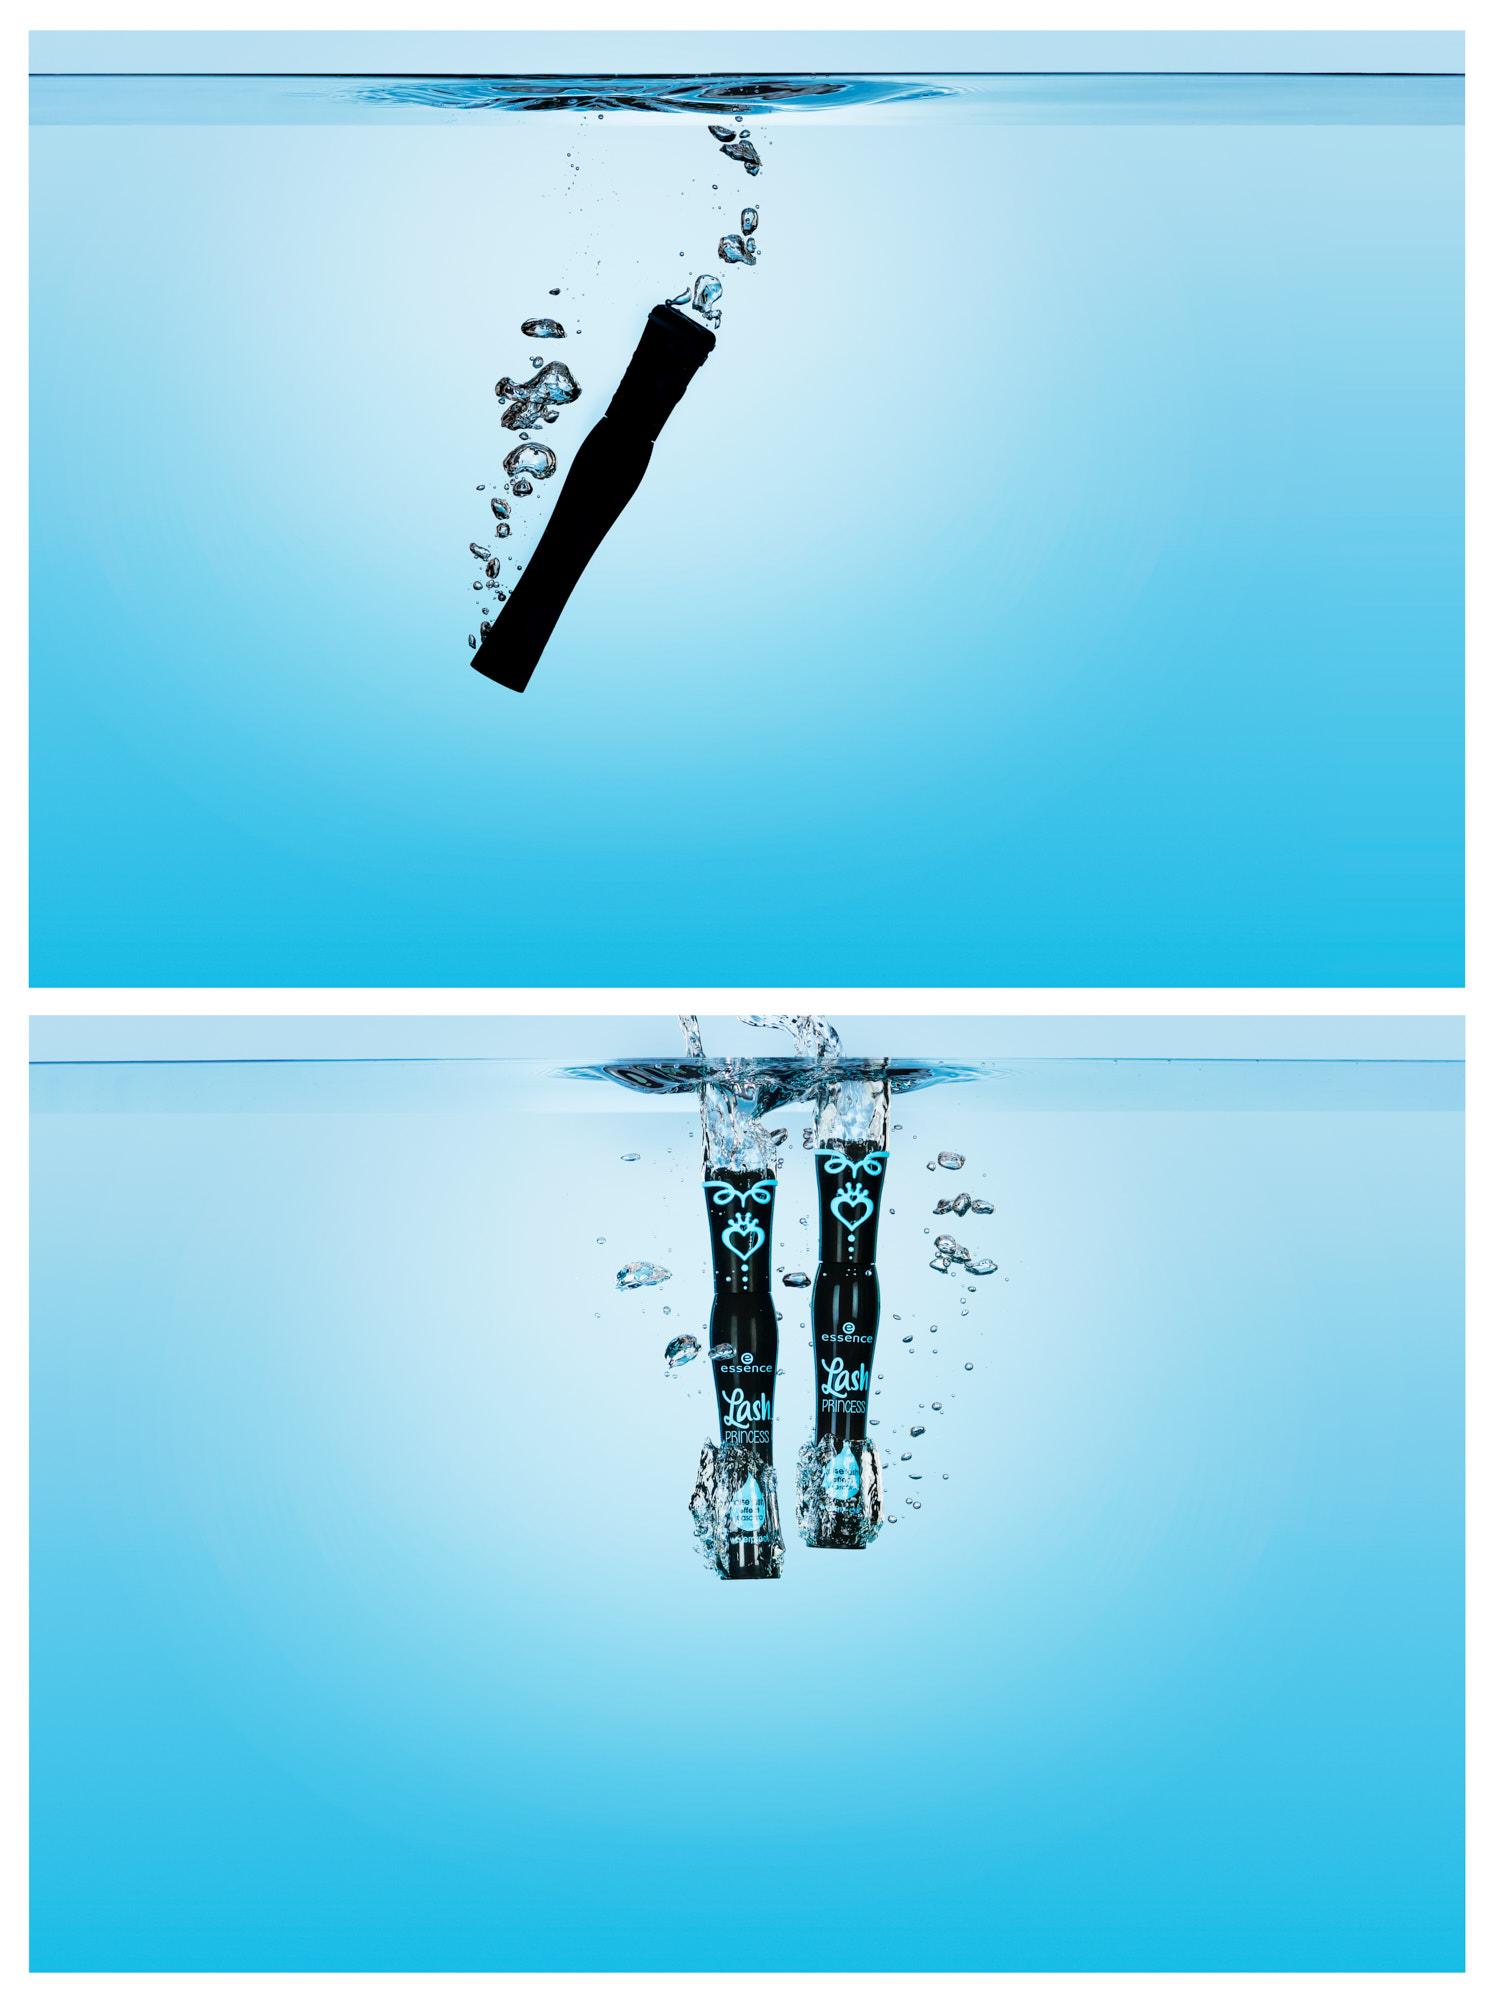 Water Shoot Linked Comp.jpg